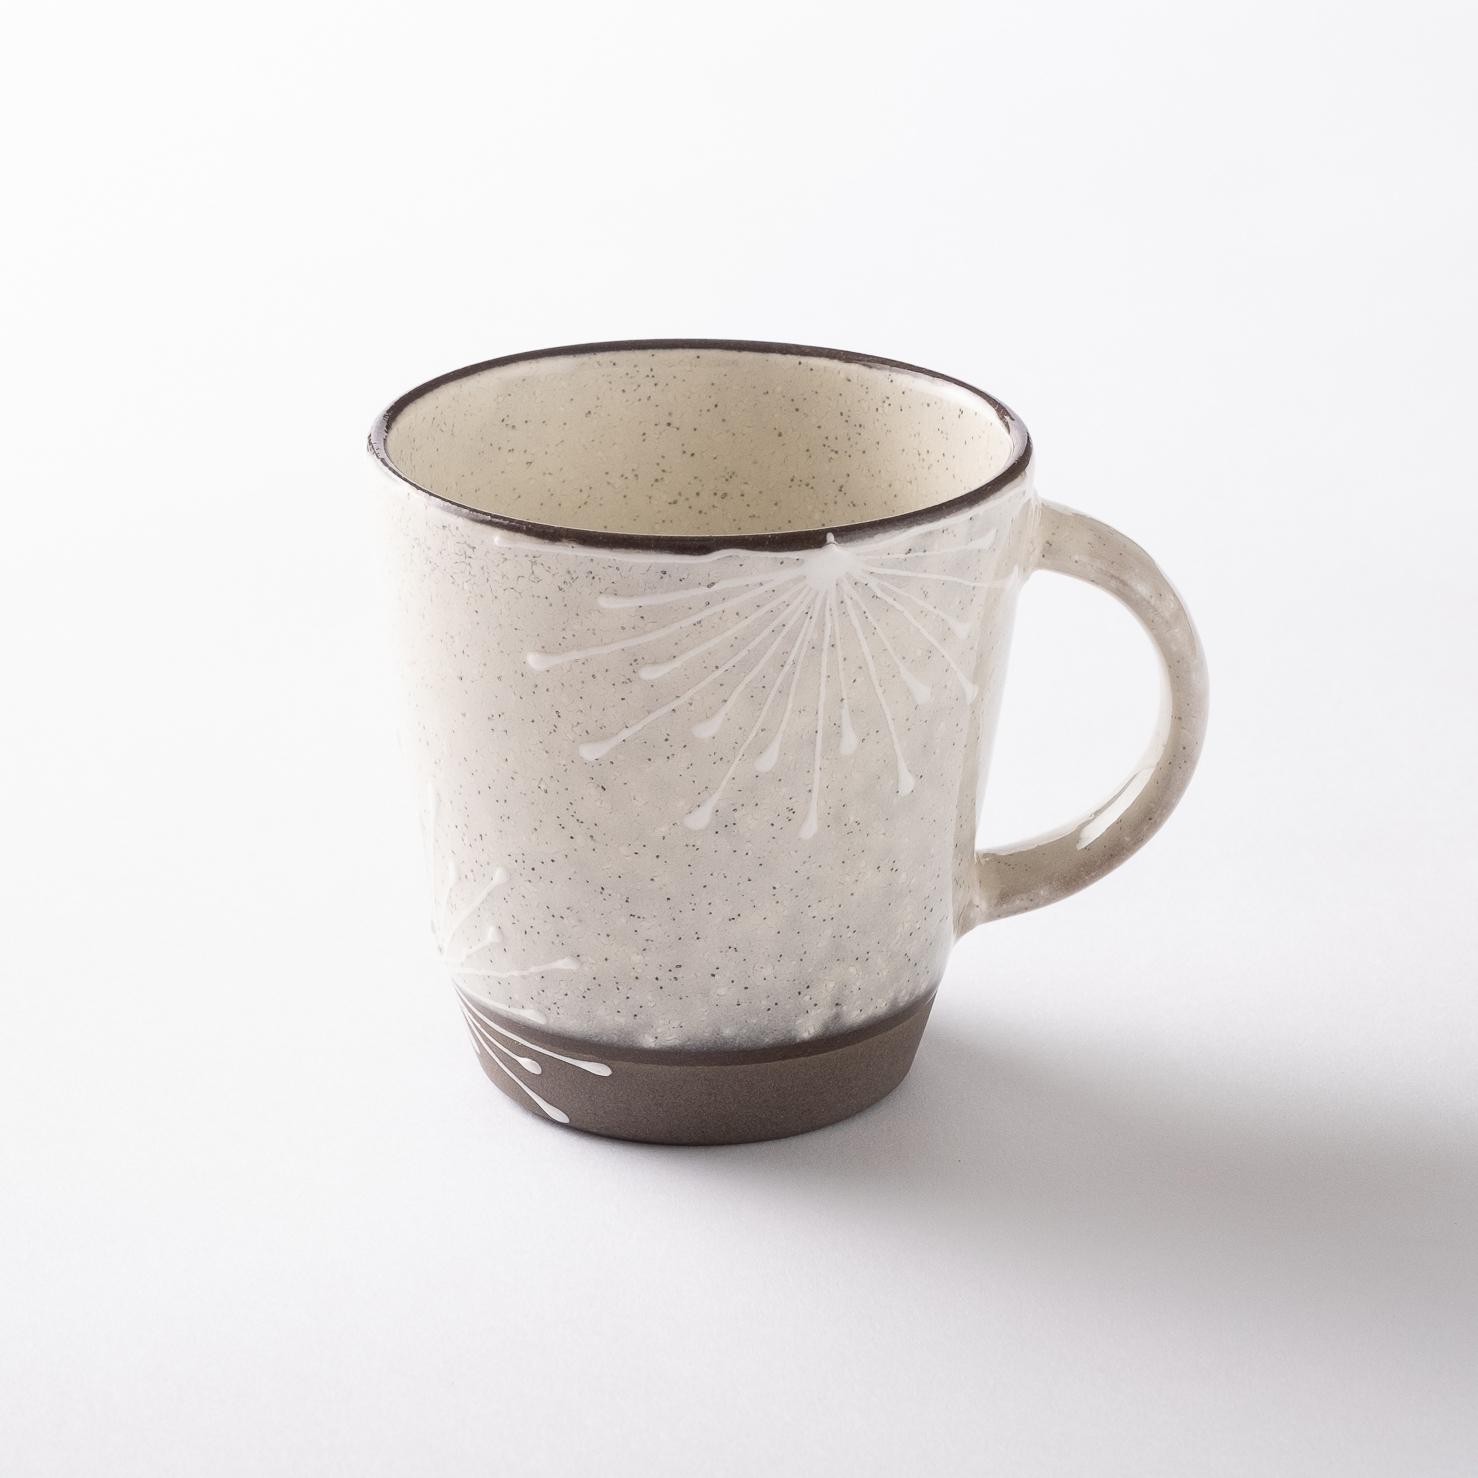 【美濃焼】マグカップ「いっちん マグ 花二重白」